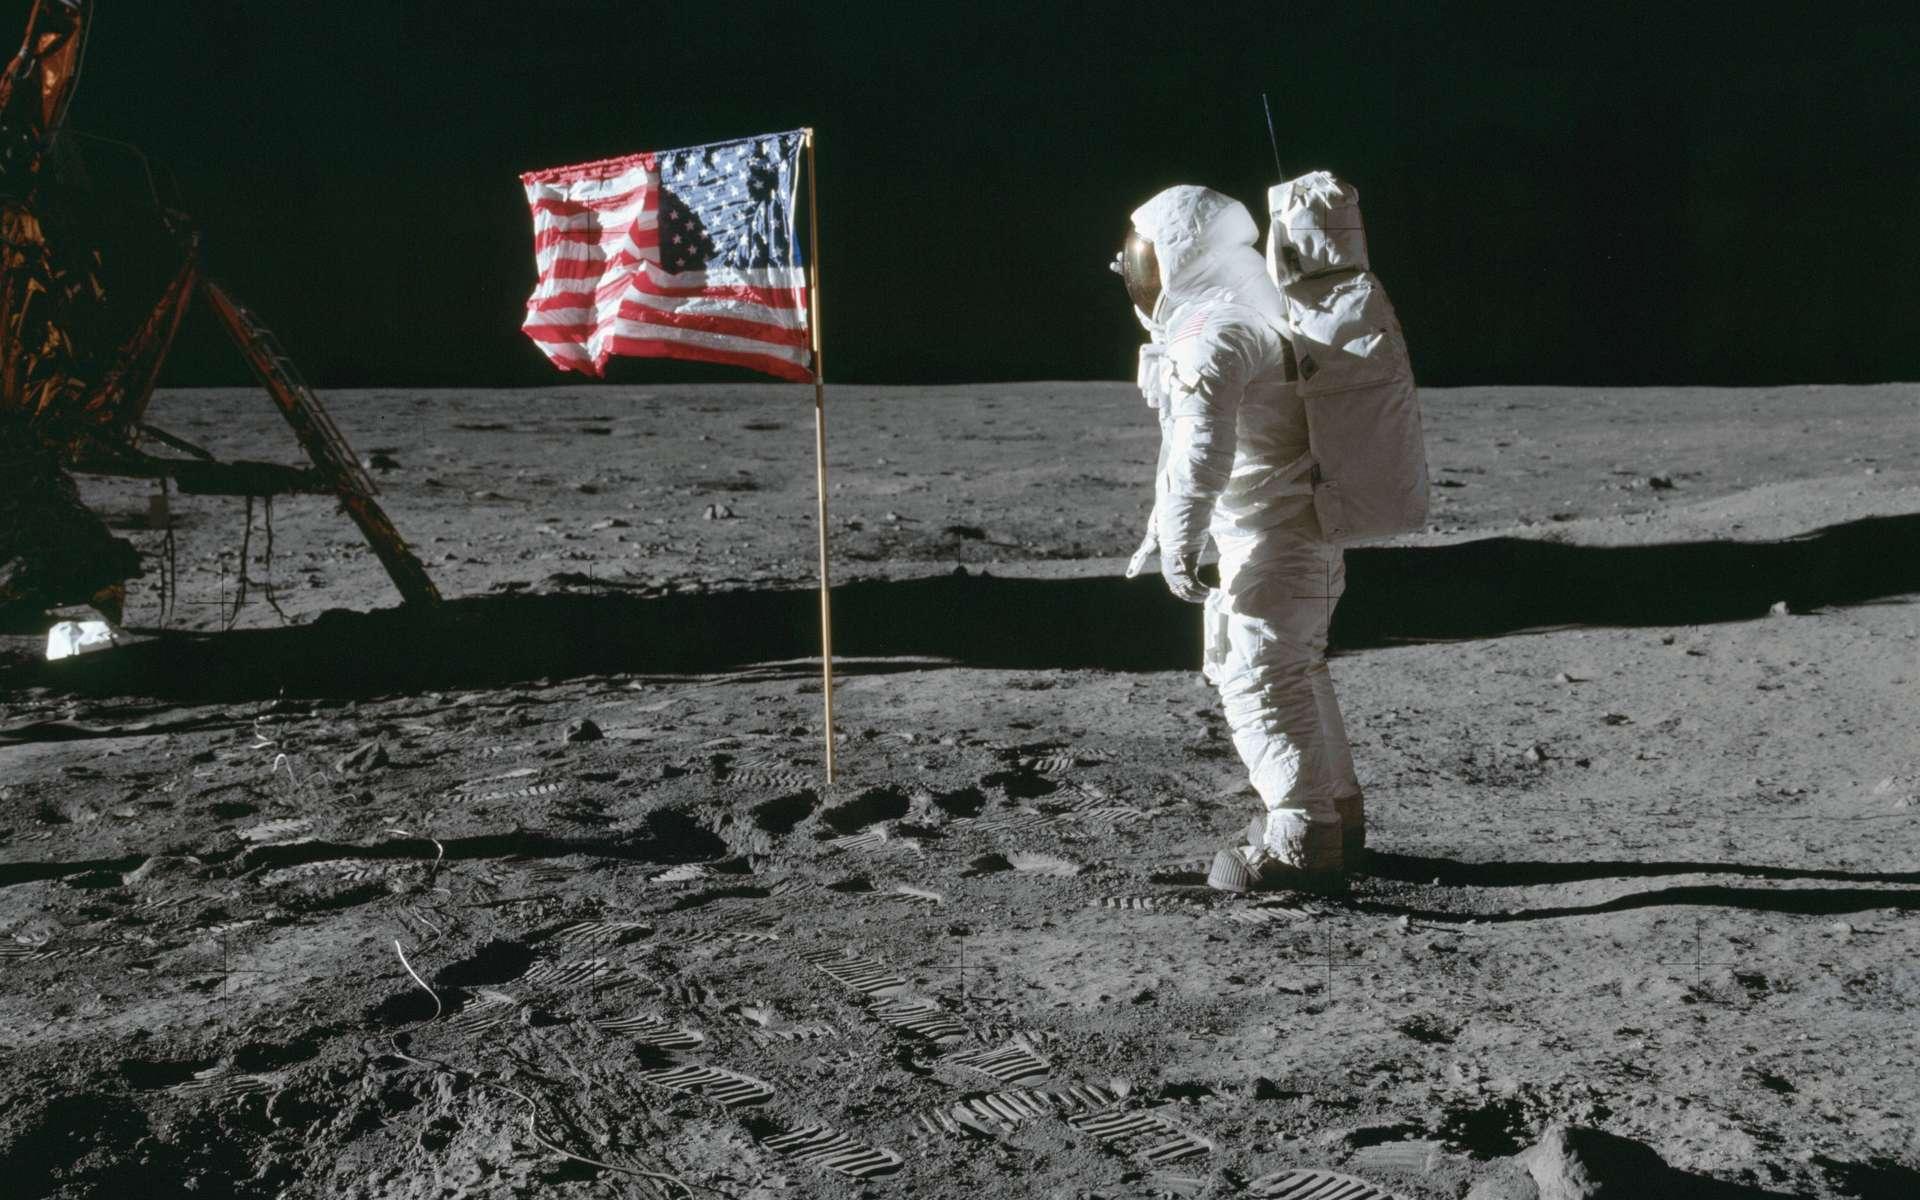 Le 20 juillet 1969, l'astronaute d'Apollo 11 Edwin Buzz Aldrin est le deuxième homme à marcher sur la Lune. © Nasa